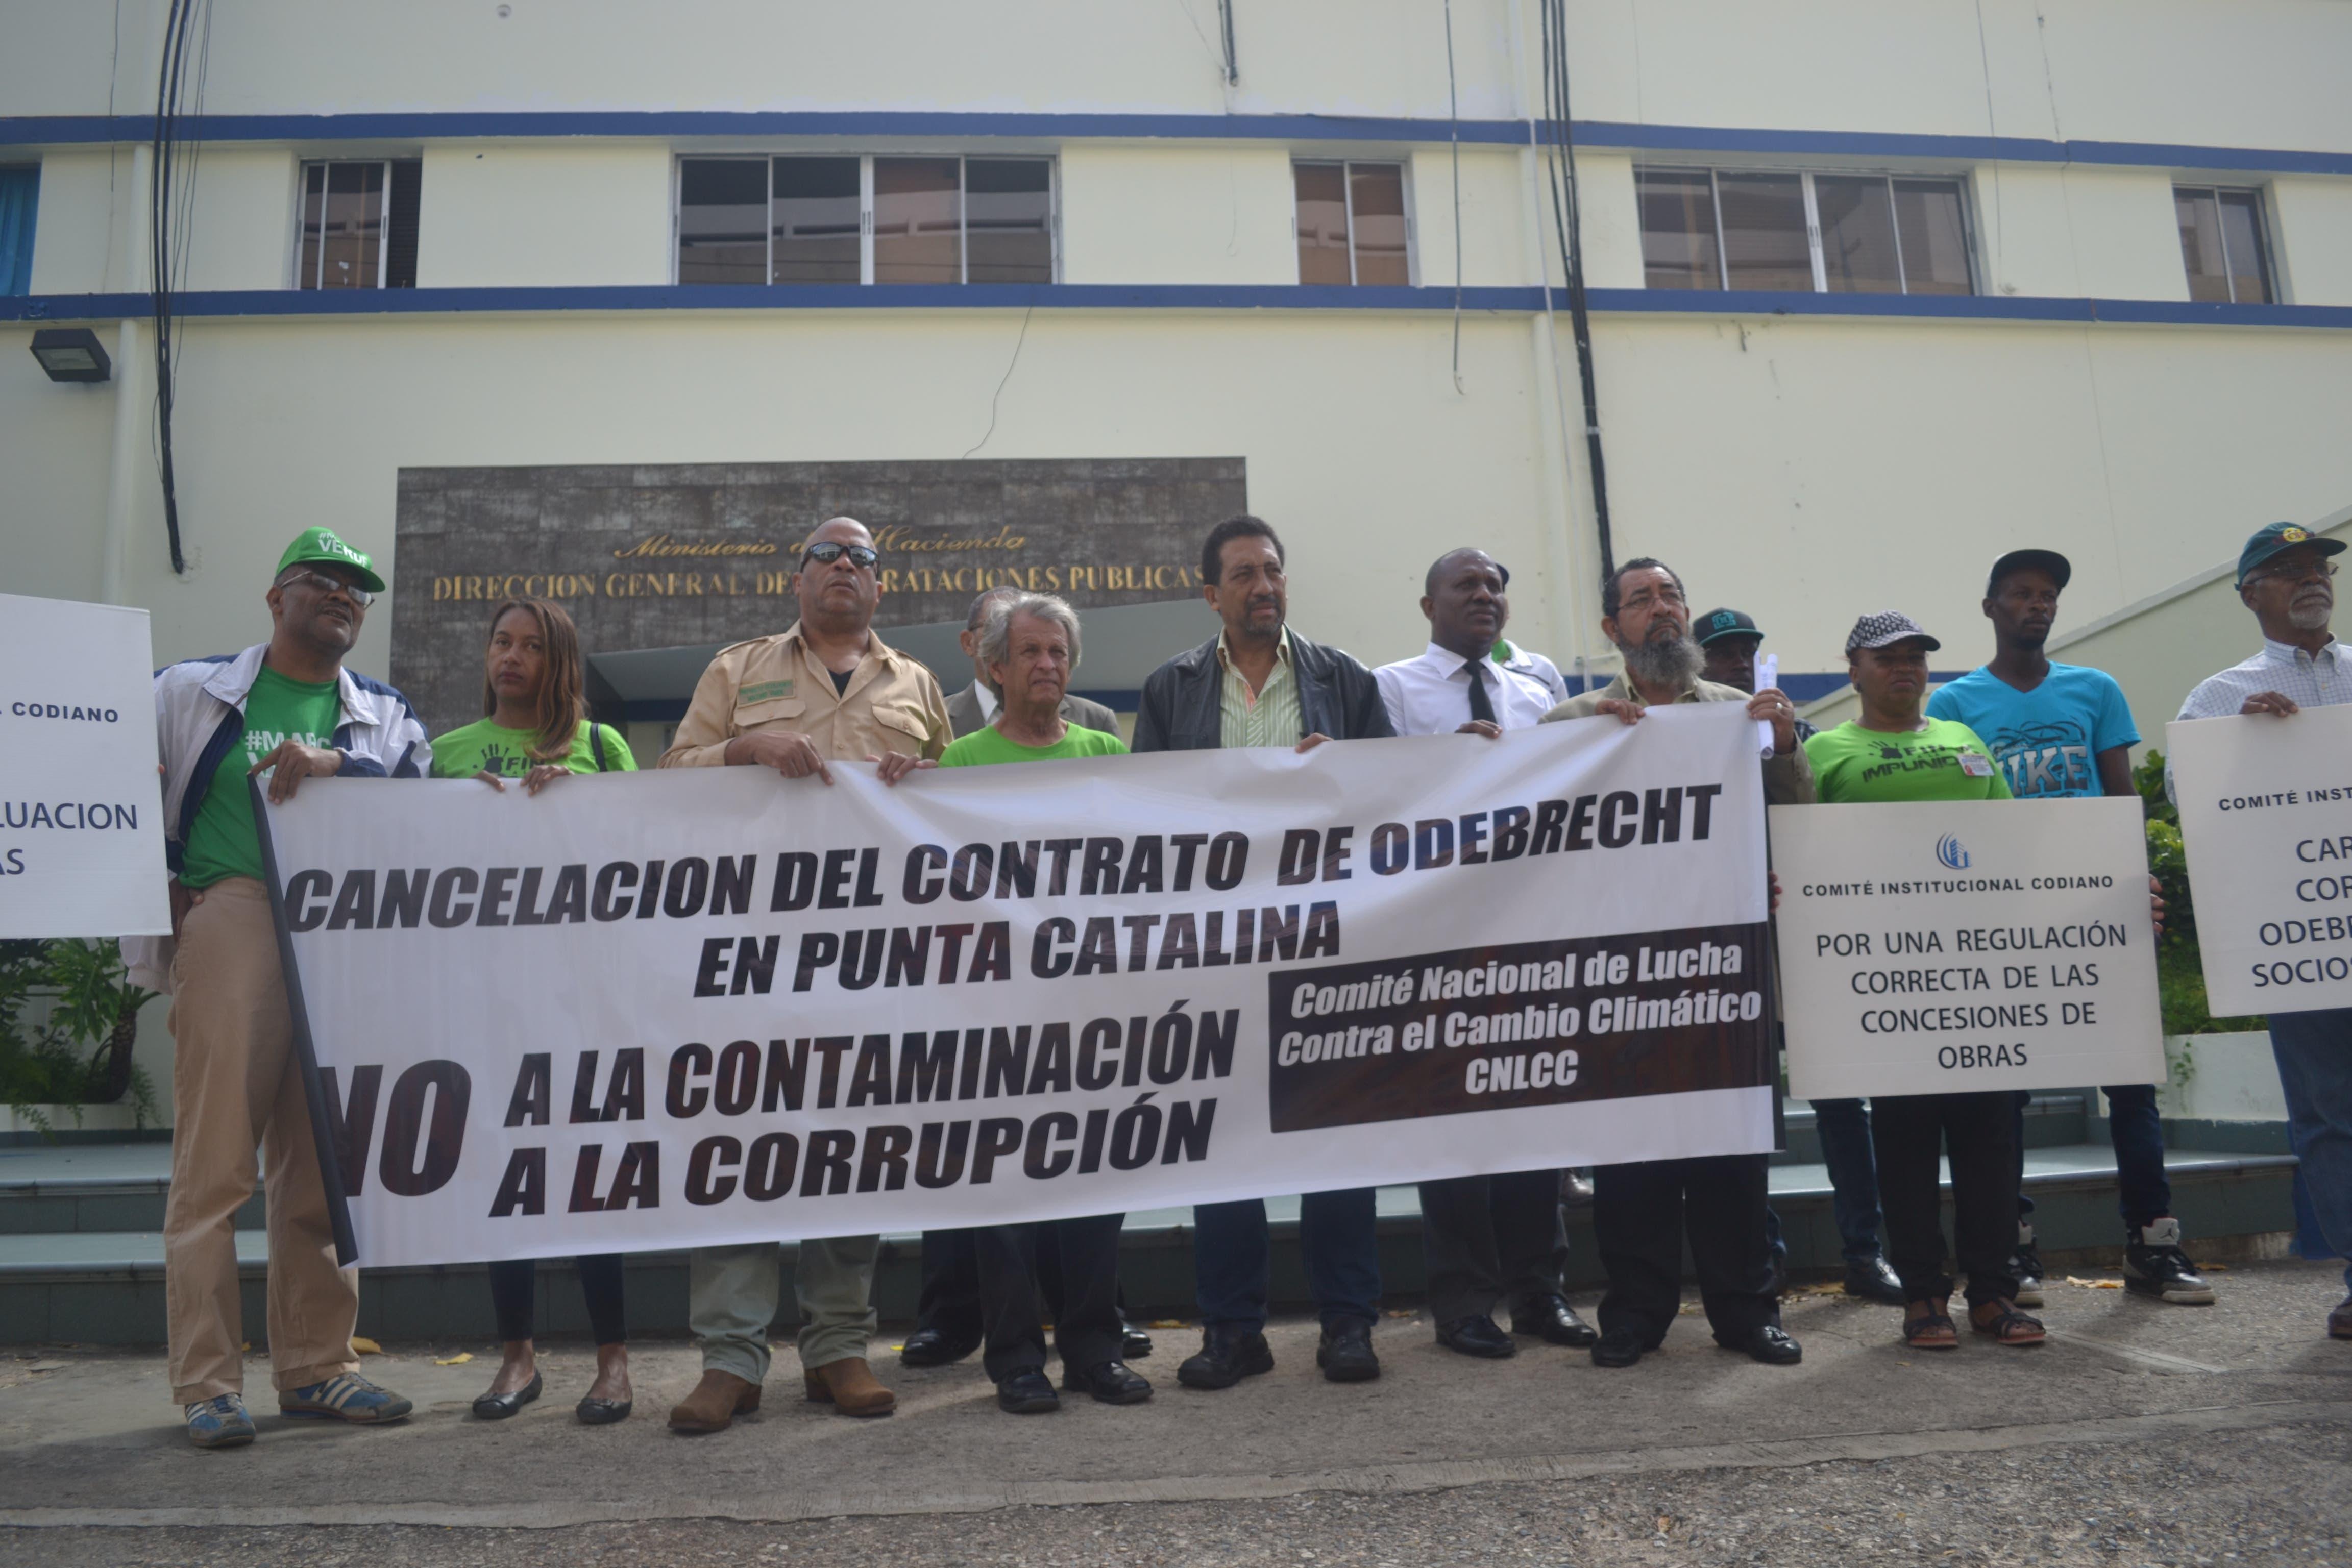 Parada realizada, el 9 de marzo pasado, por el Comité Nacional de Lucha Contra el Cambio Climático (CNLCC), ante la Dirección General de Contrataciones Públicas (DGCP), en esta ciudad de Santo Domingo, D.N.